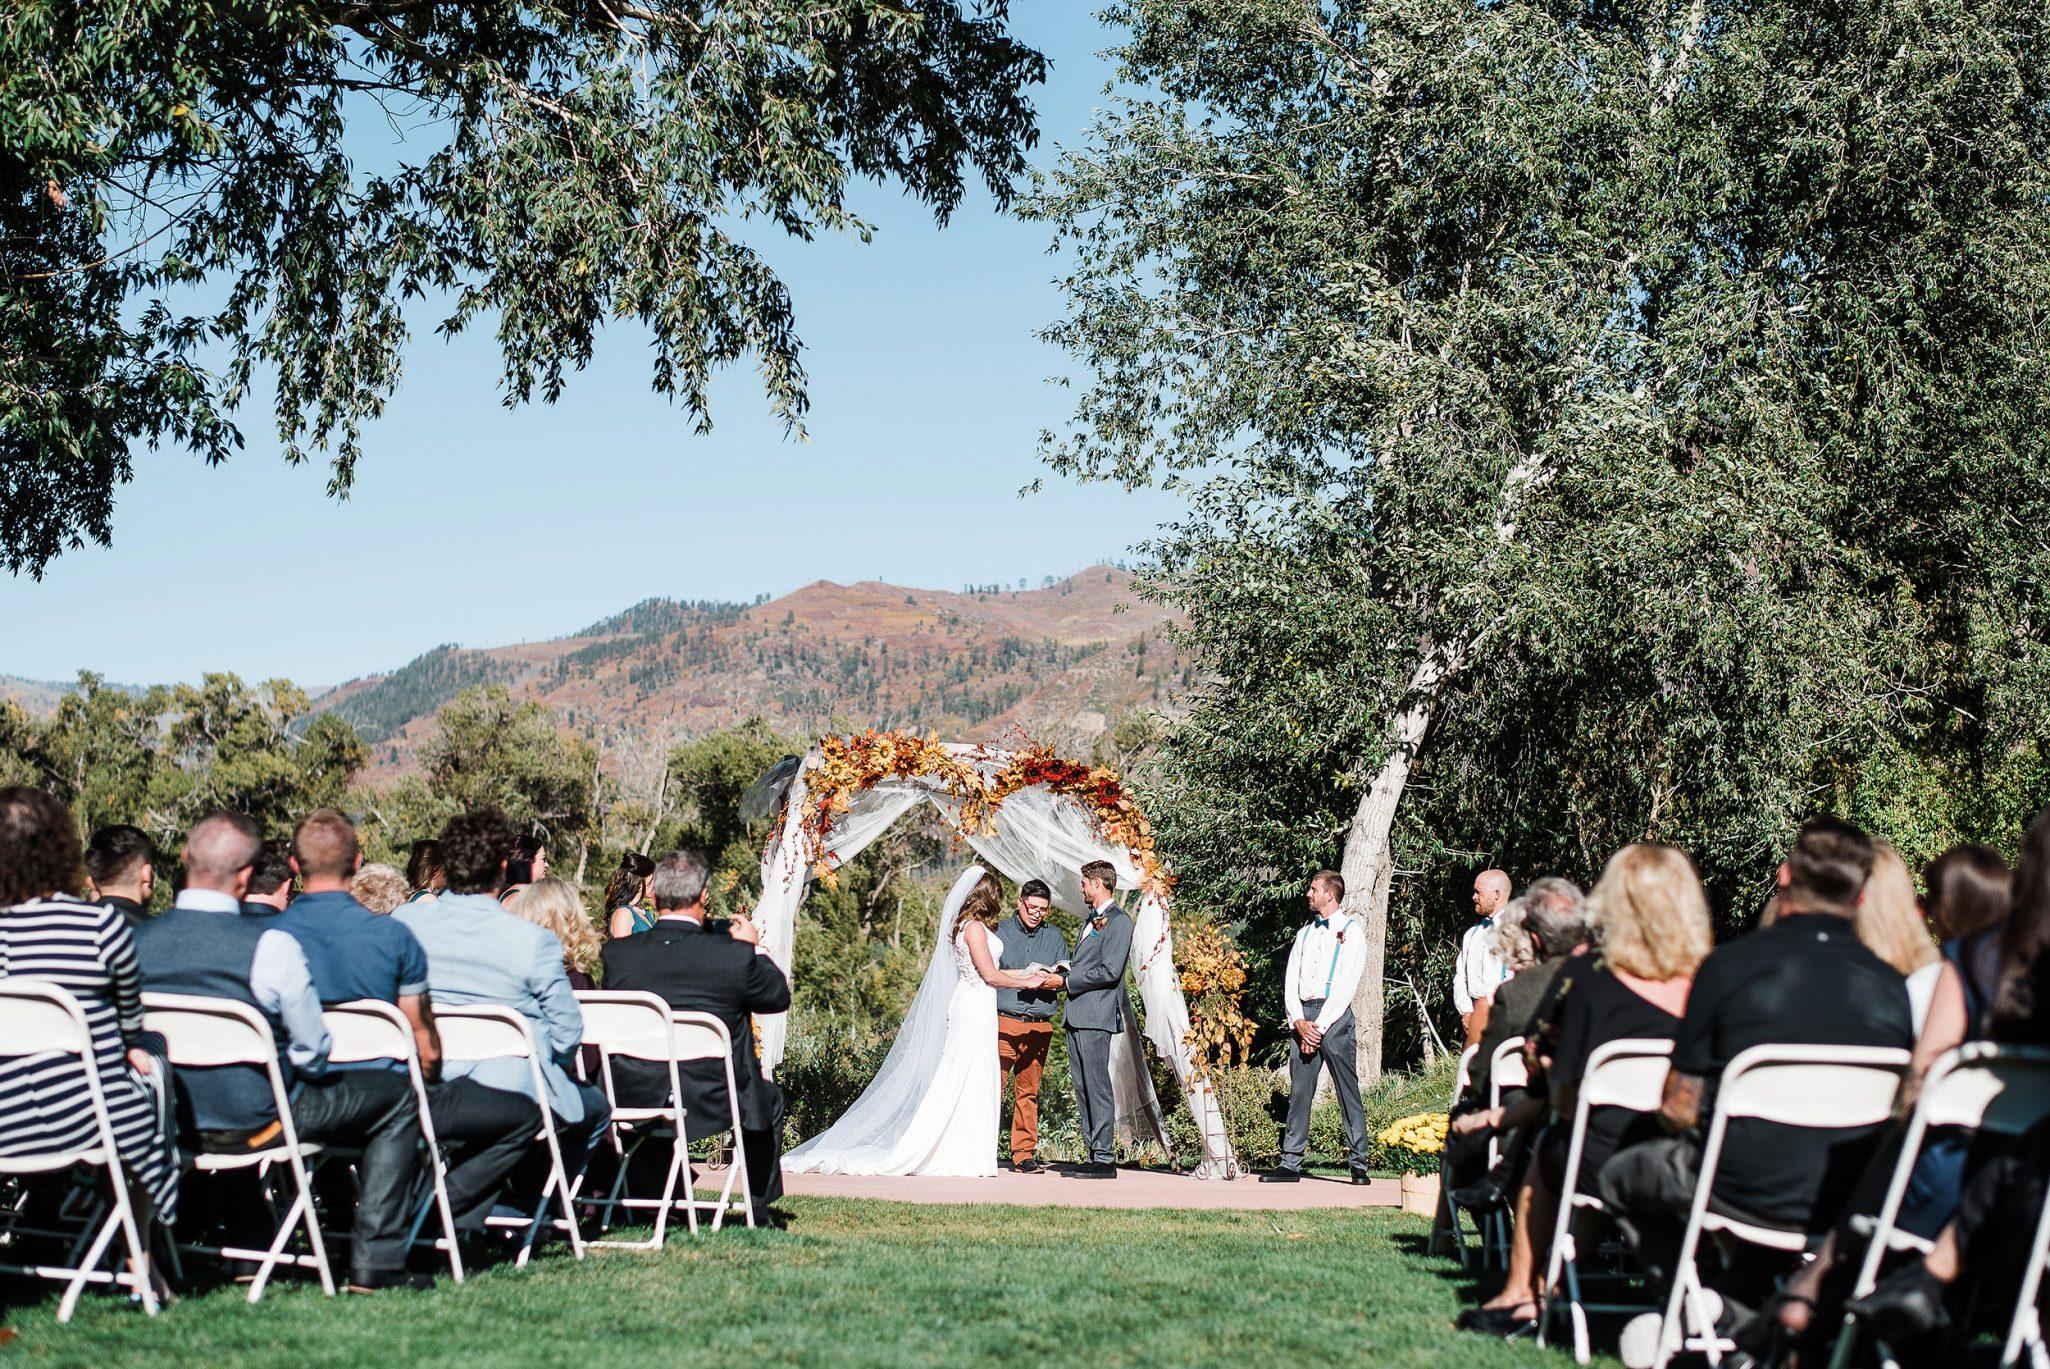 Ceremony at Dalton Ranch Golf Club, Durango Colorado